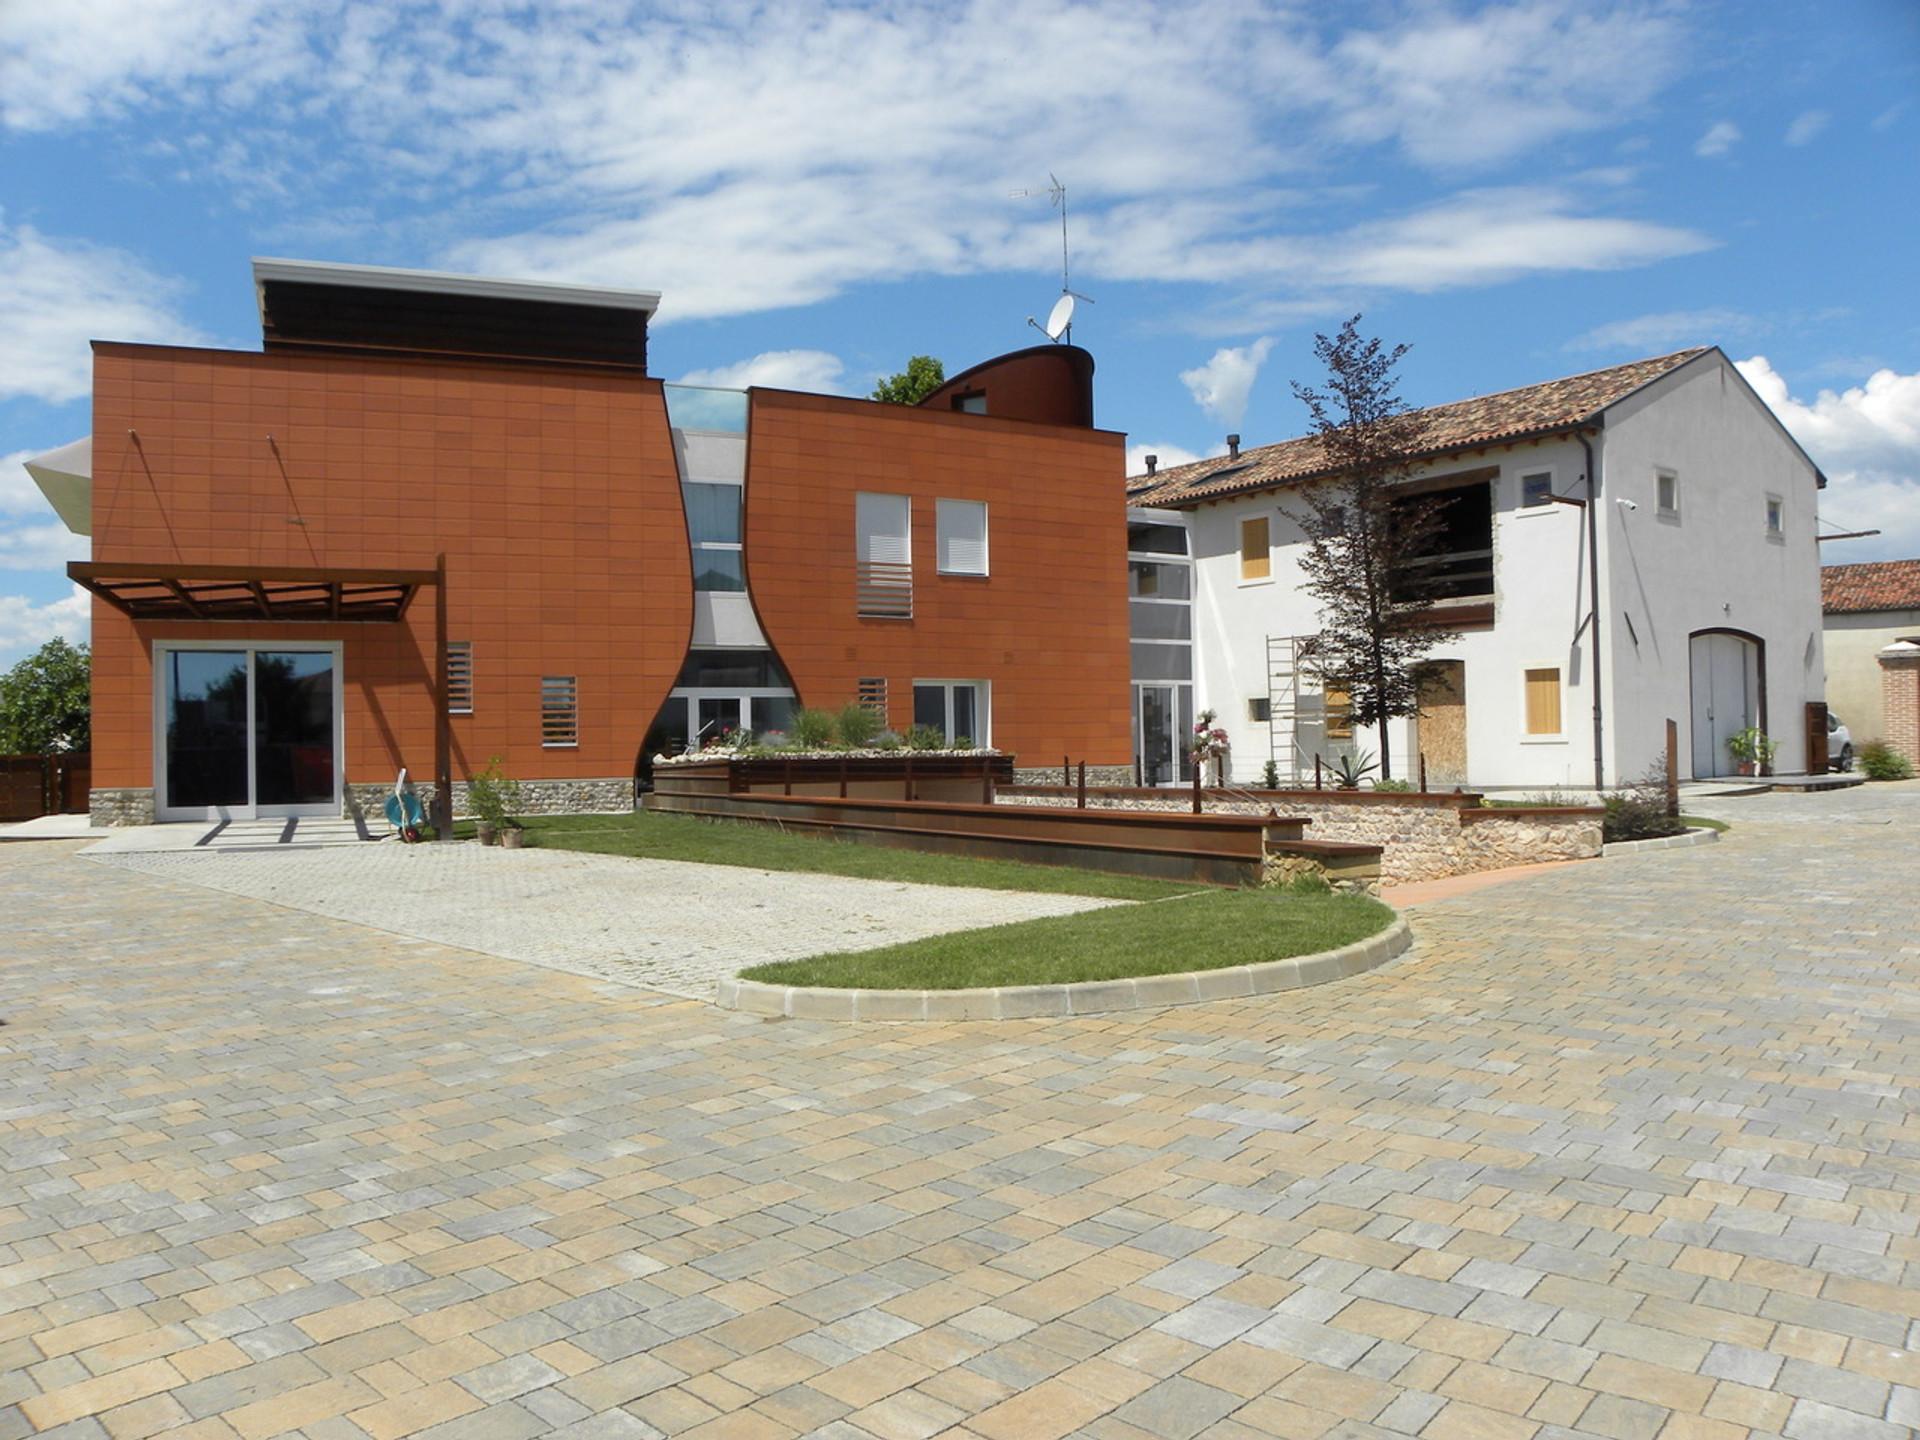 Complesso polifunzionale ad uso direzionale, commerciale e residenziale in Comune di San Fior lungo Strada Statale SS13